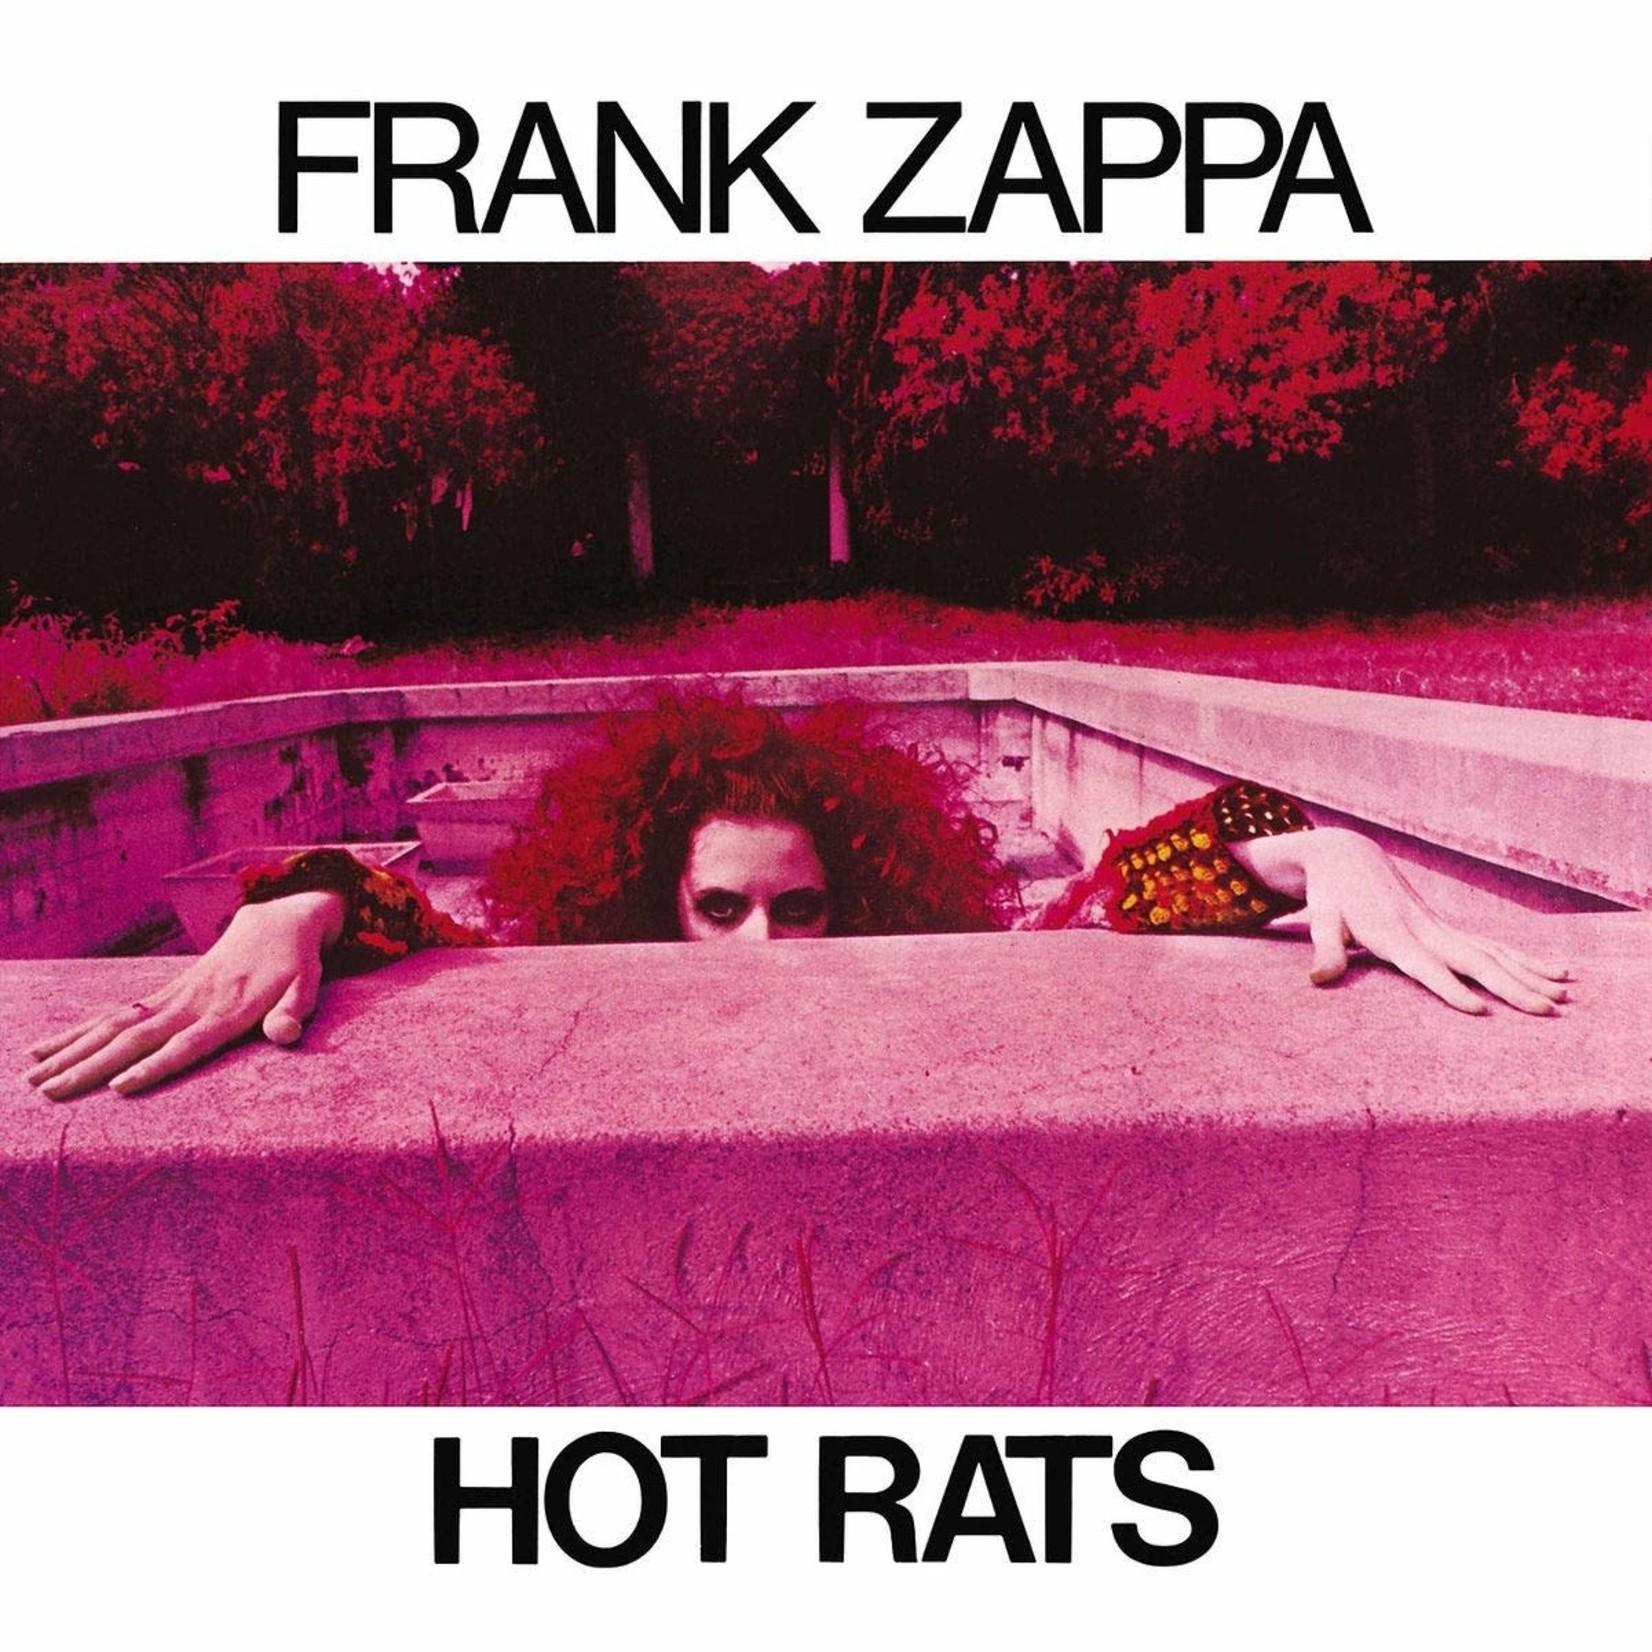 [New] Zappa, Frank: Hot Rats (50th Anniversary Ed., colour vinyl)